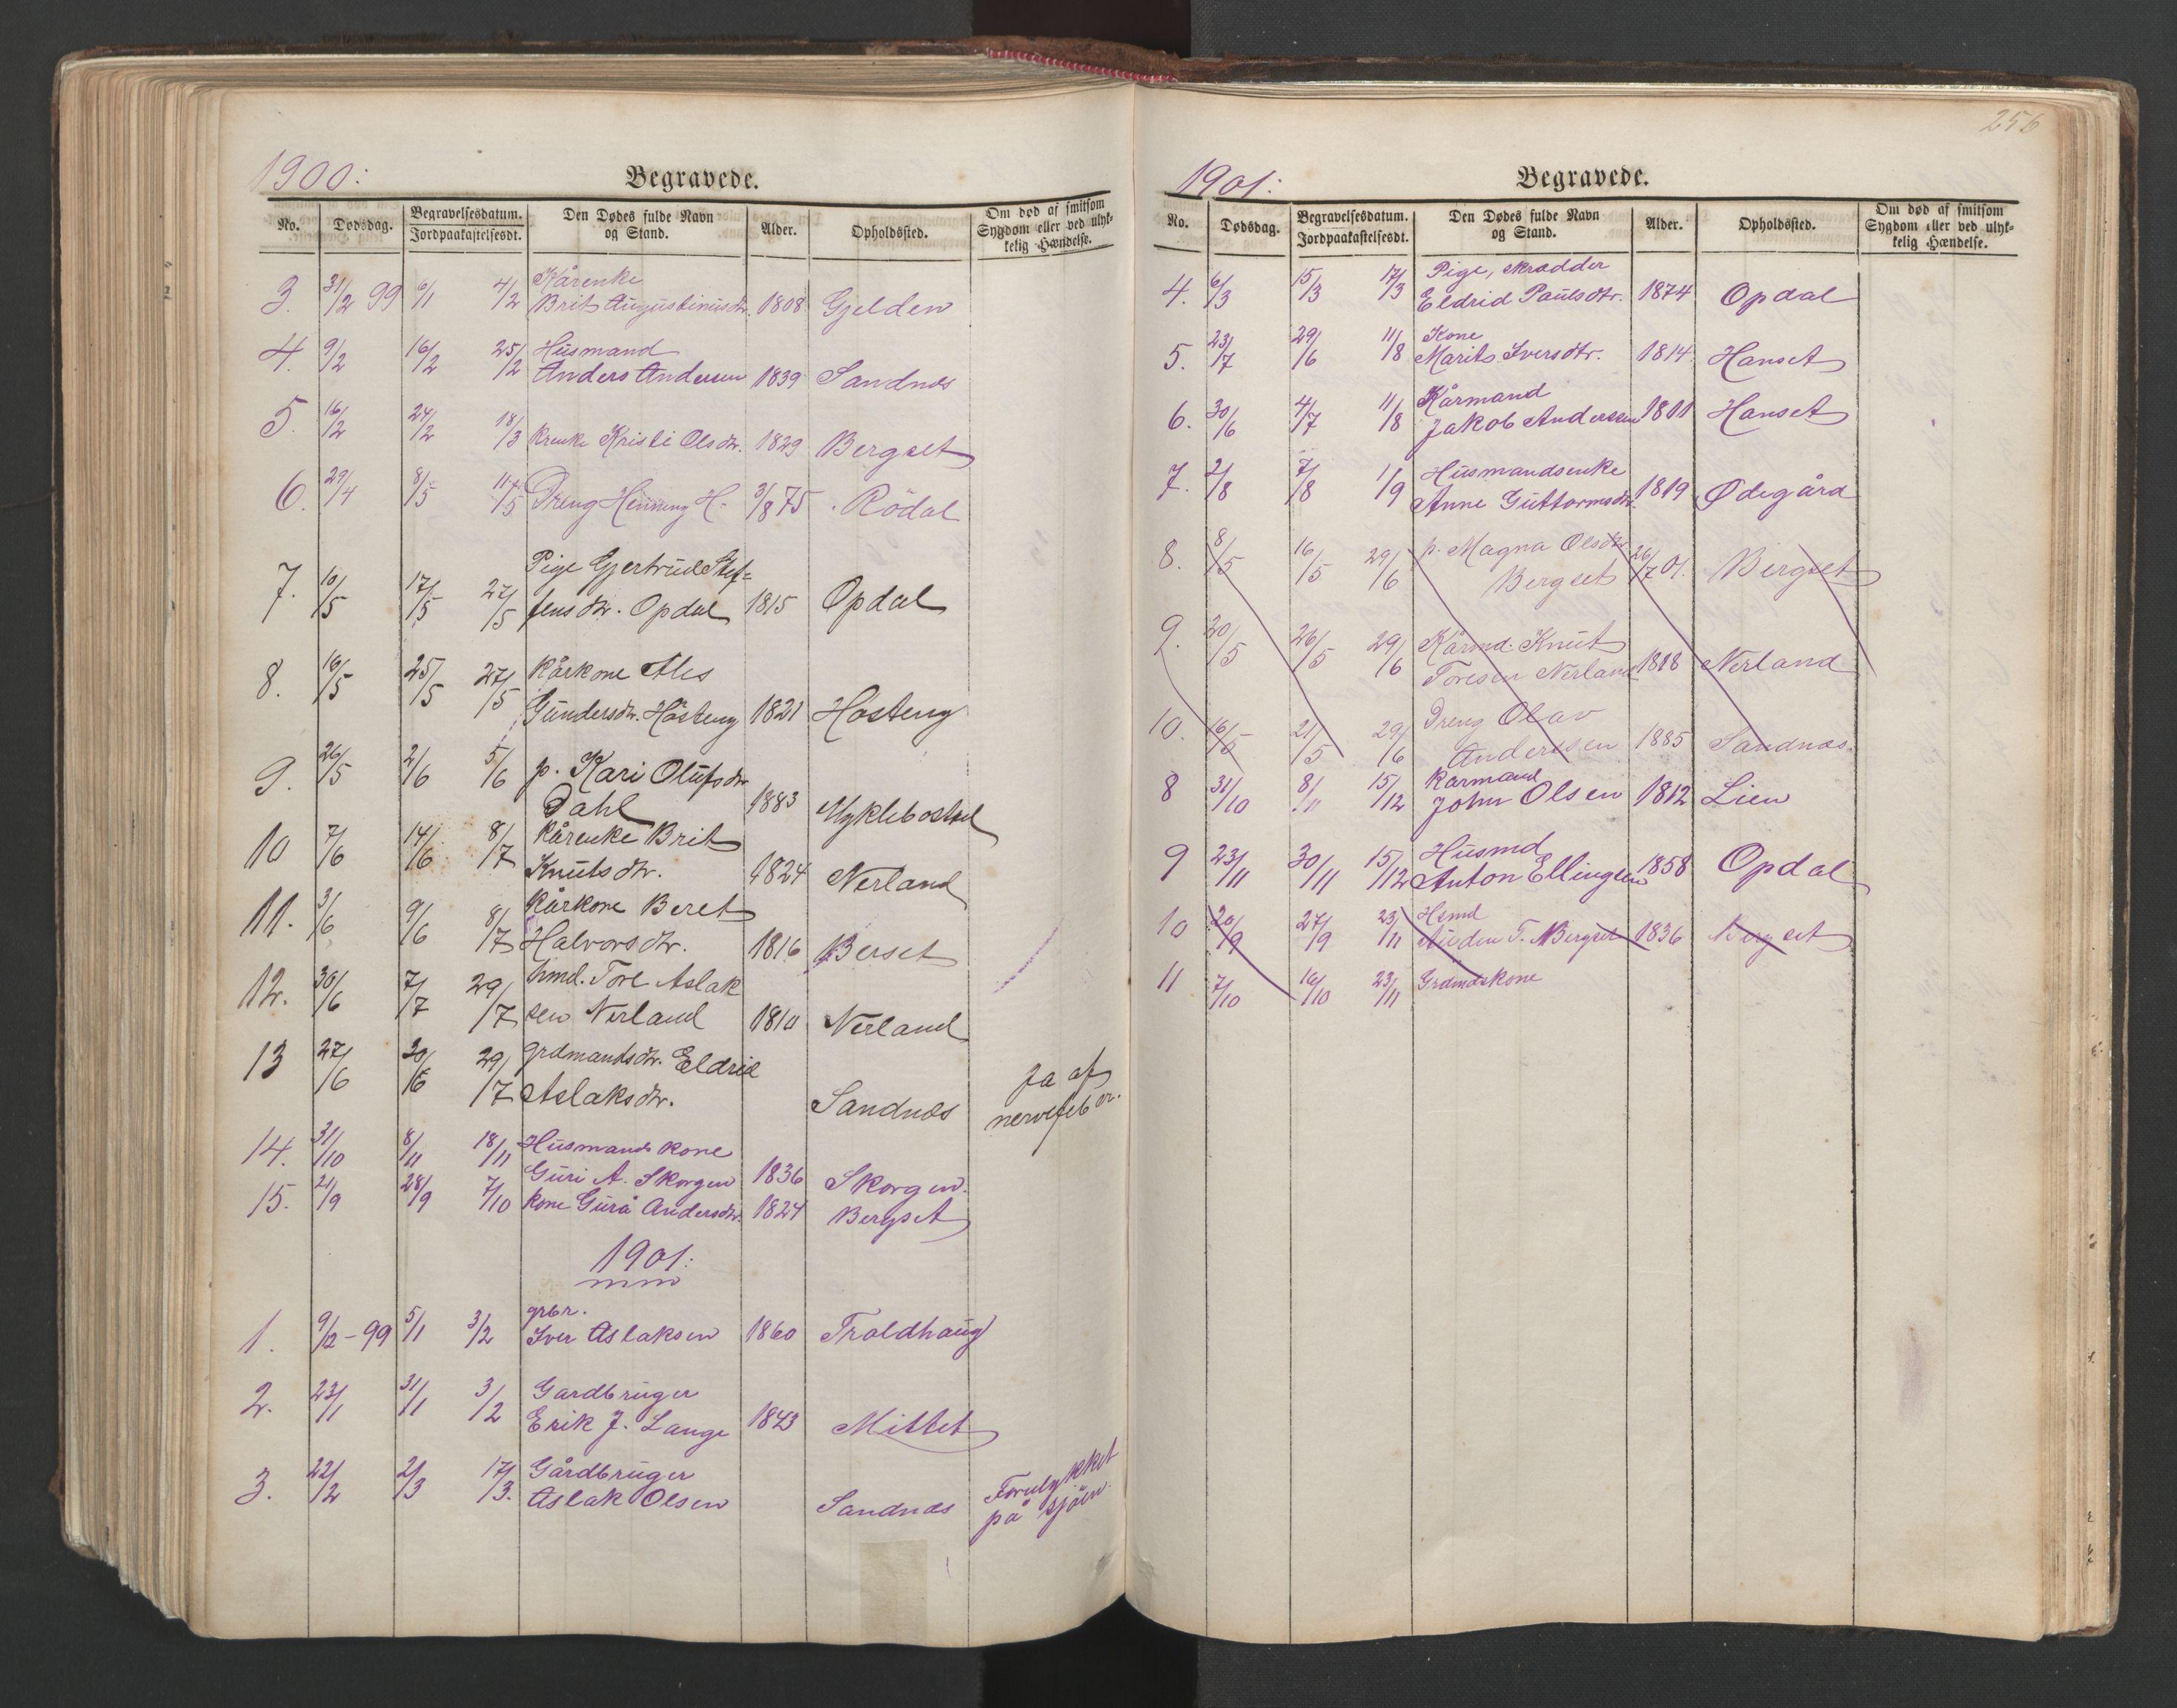 SAT, Ministerialprotokoller, klokkerbøker og fødselsregistre - Møre og Romsdal, 554/L0645: Klokkerbok nr. 554C02, 1867-1946, s. 256